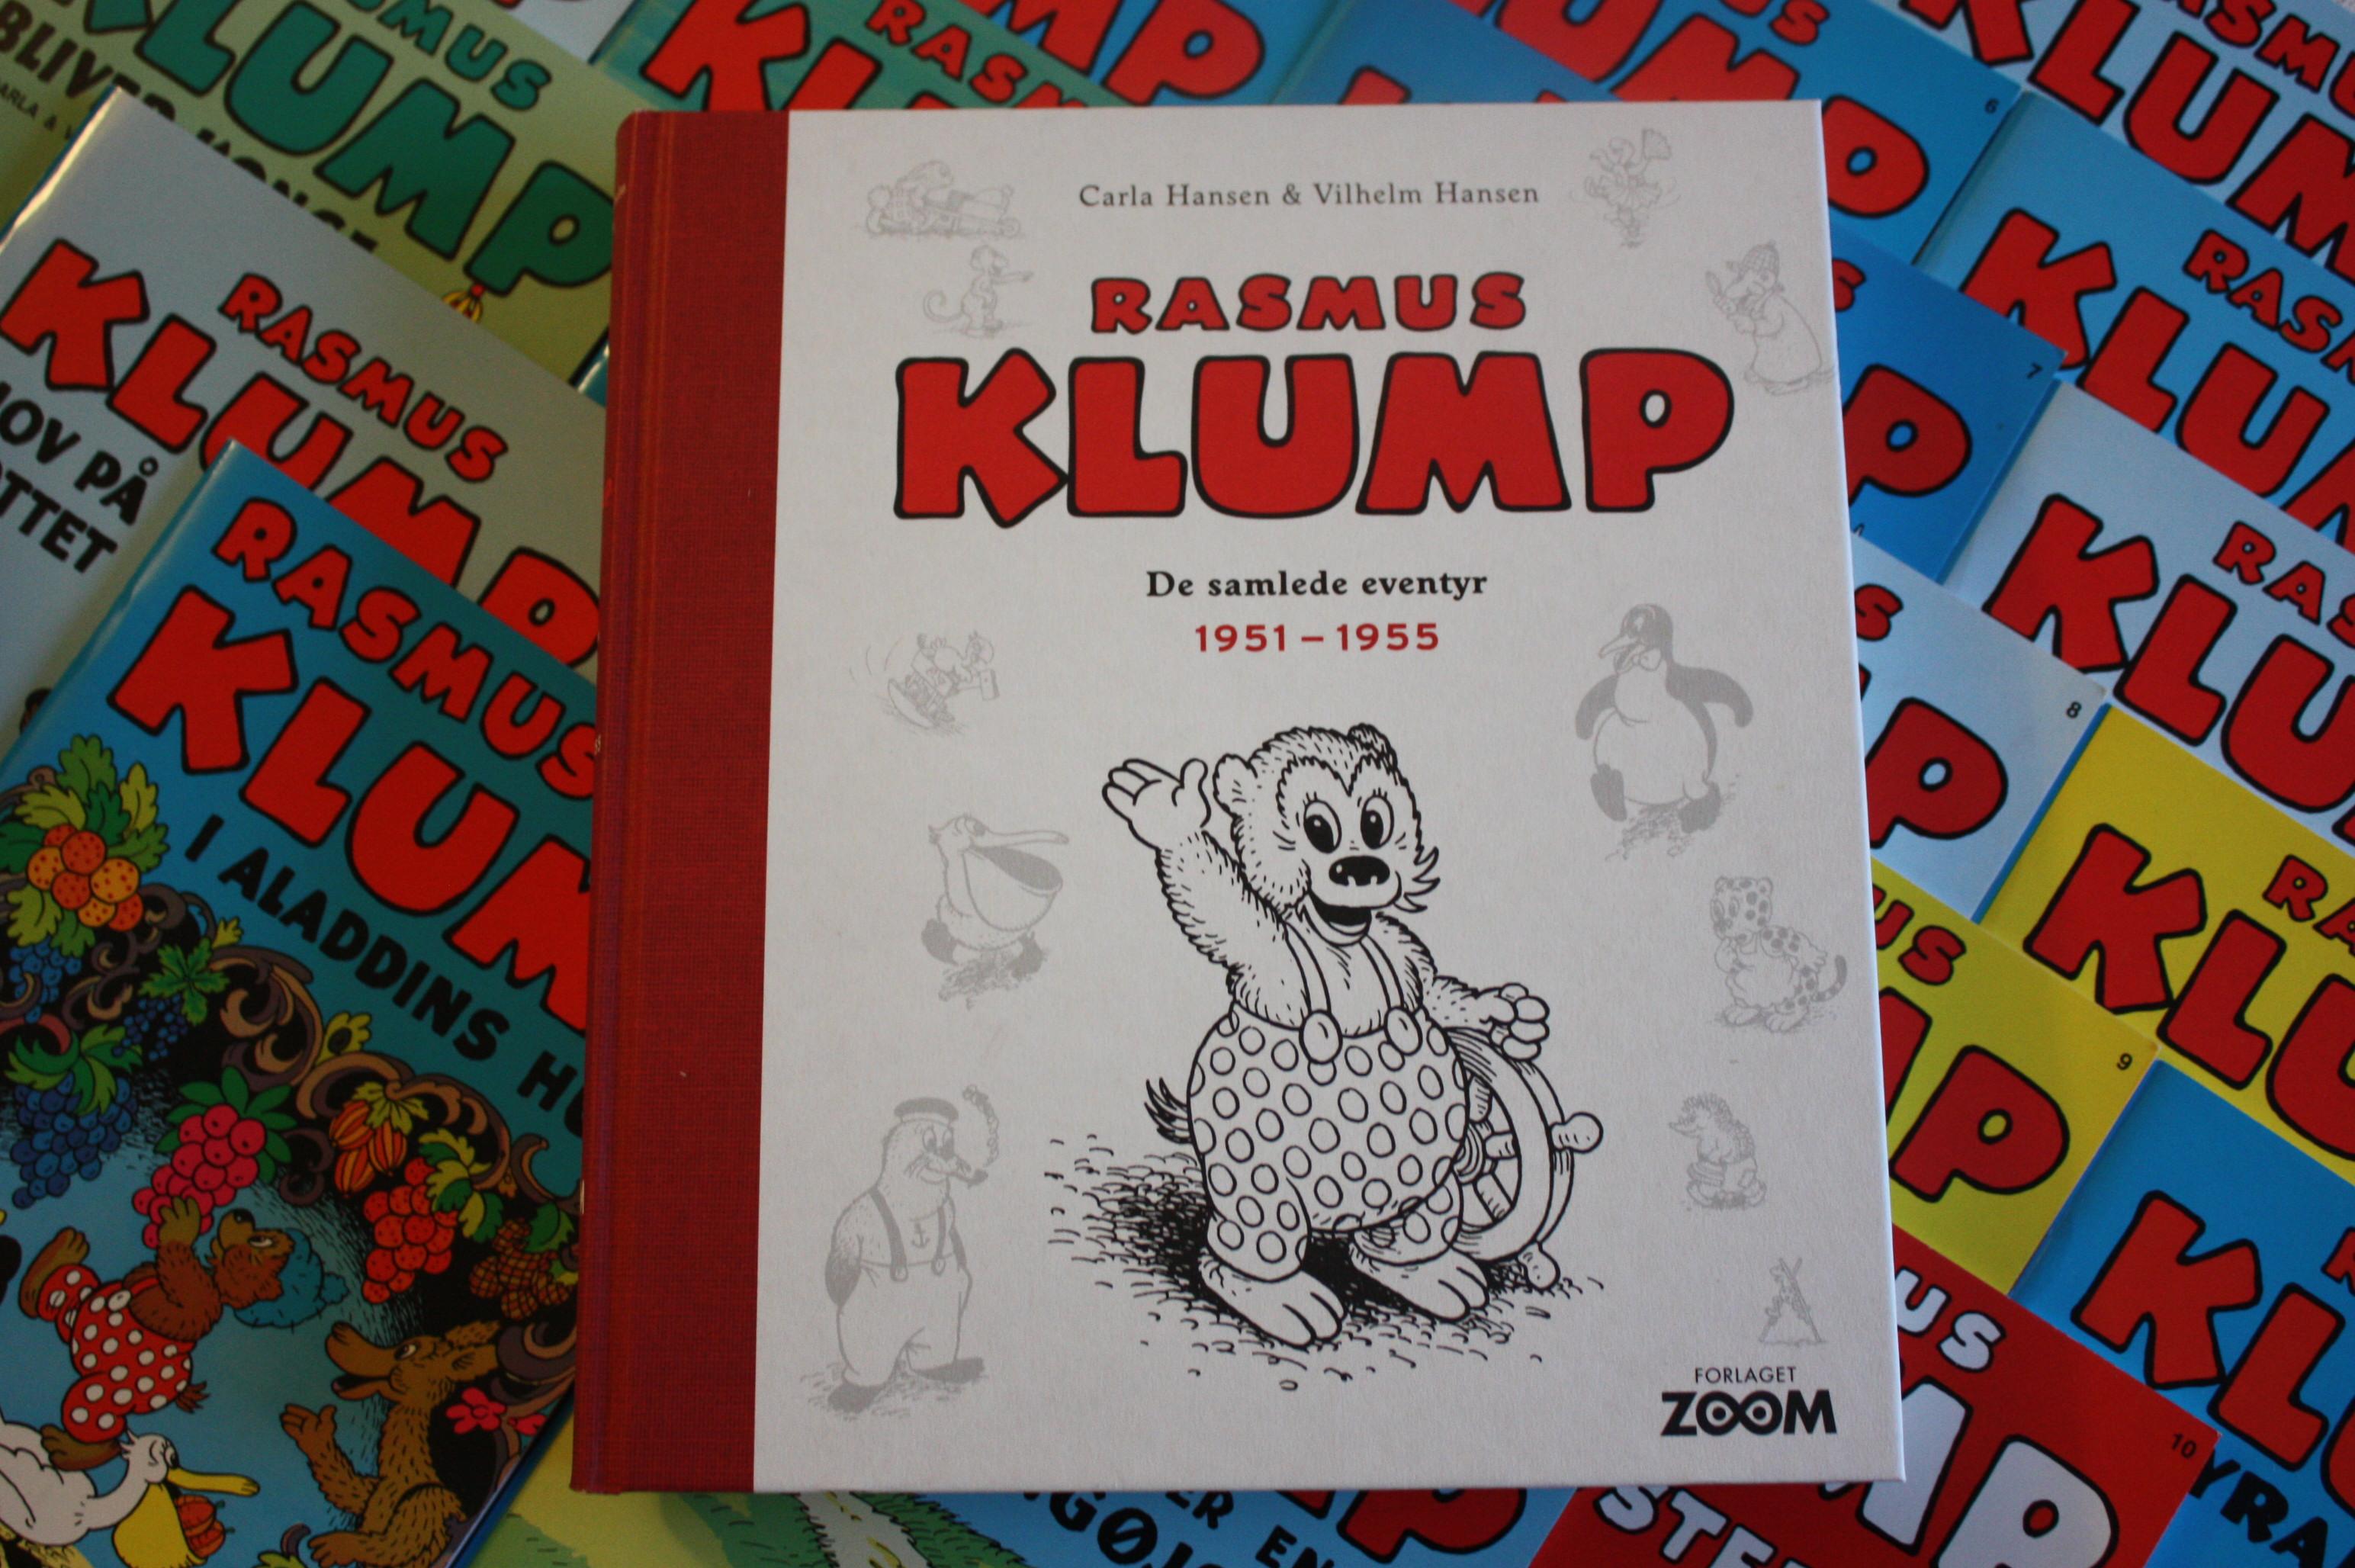 Rasmus Klump. De samlede eventyr 1951-1955